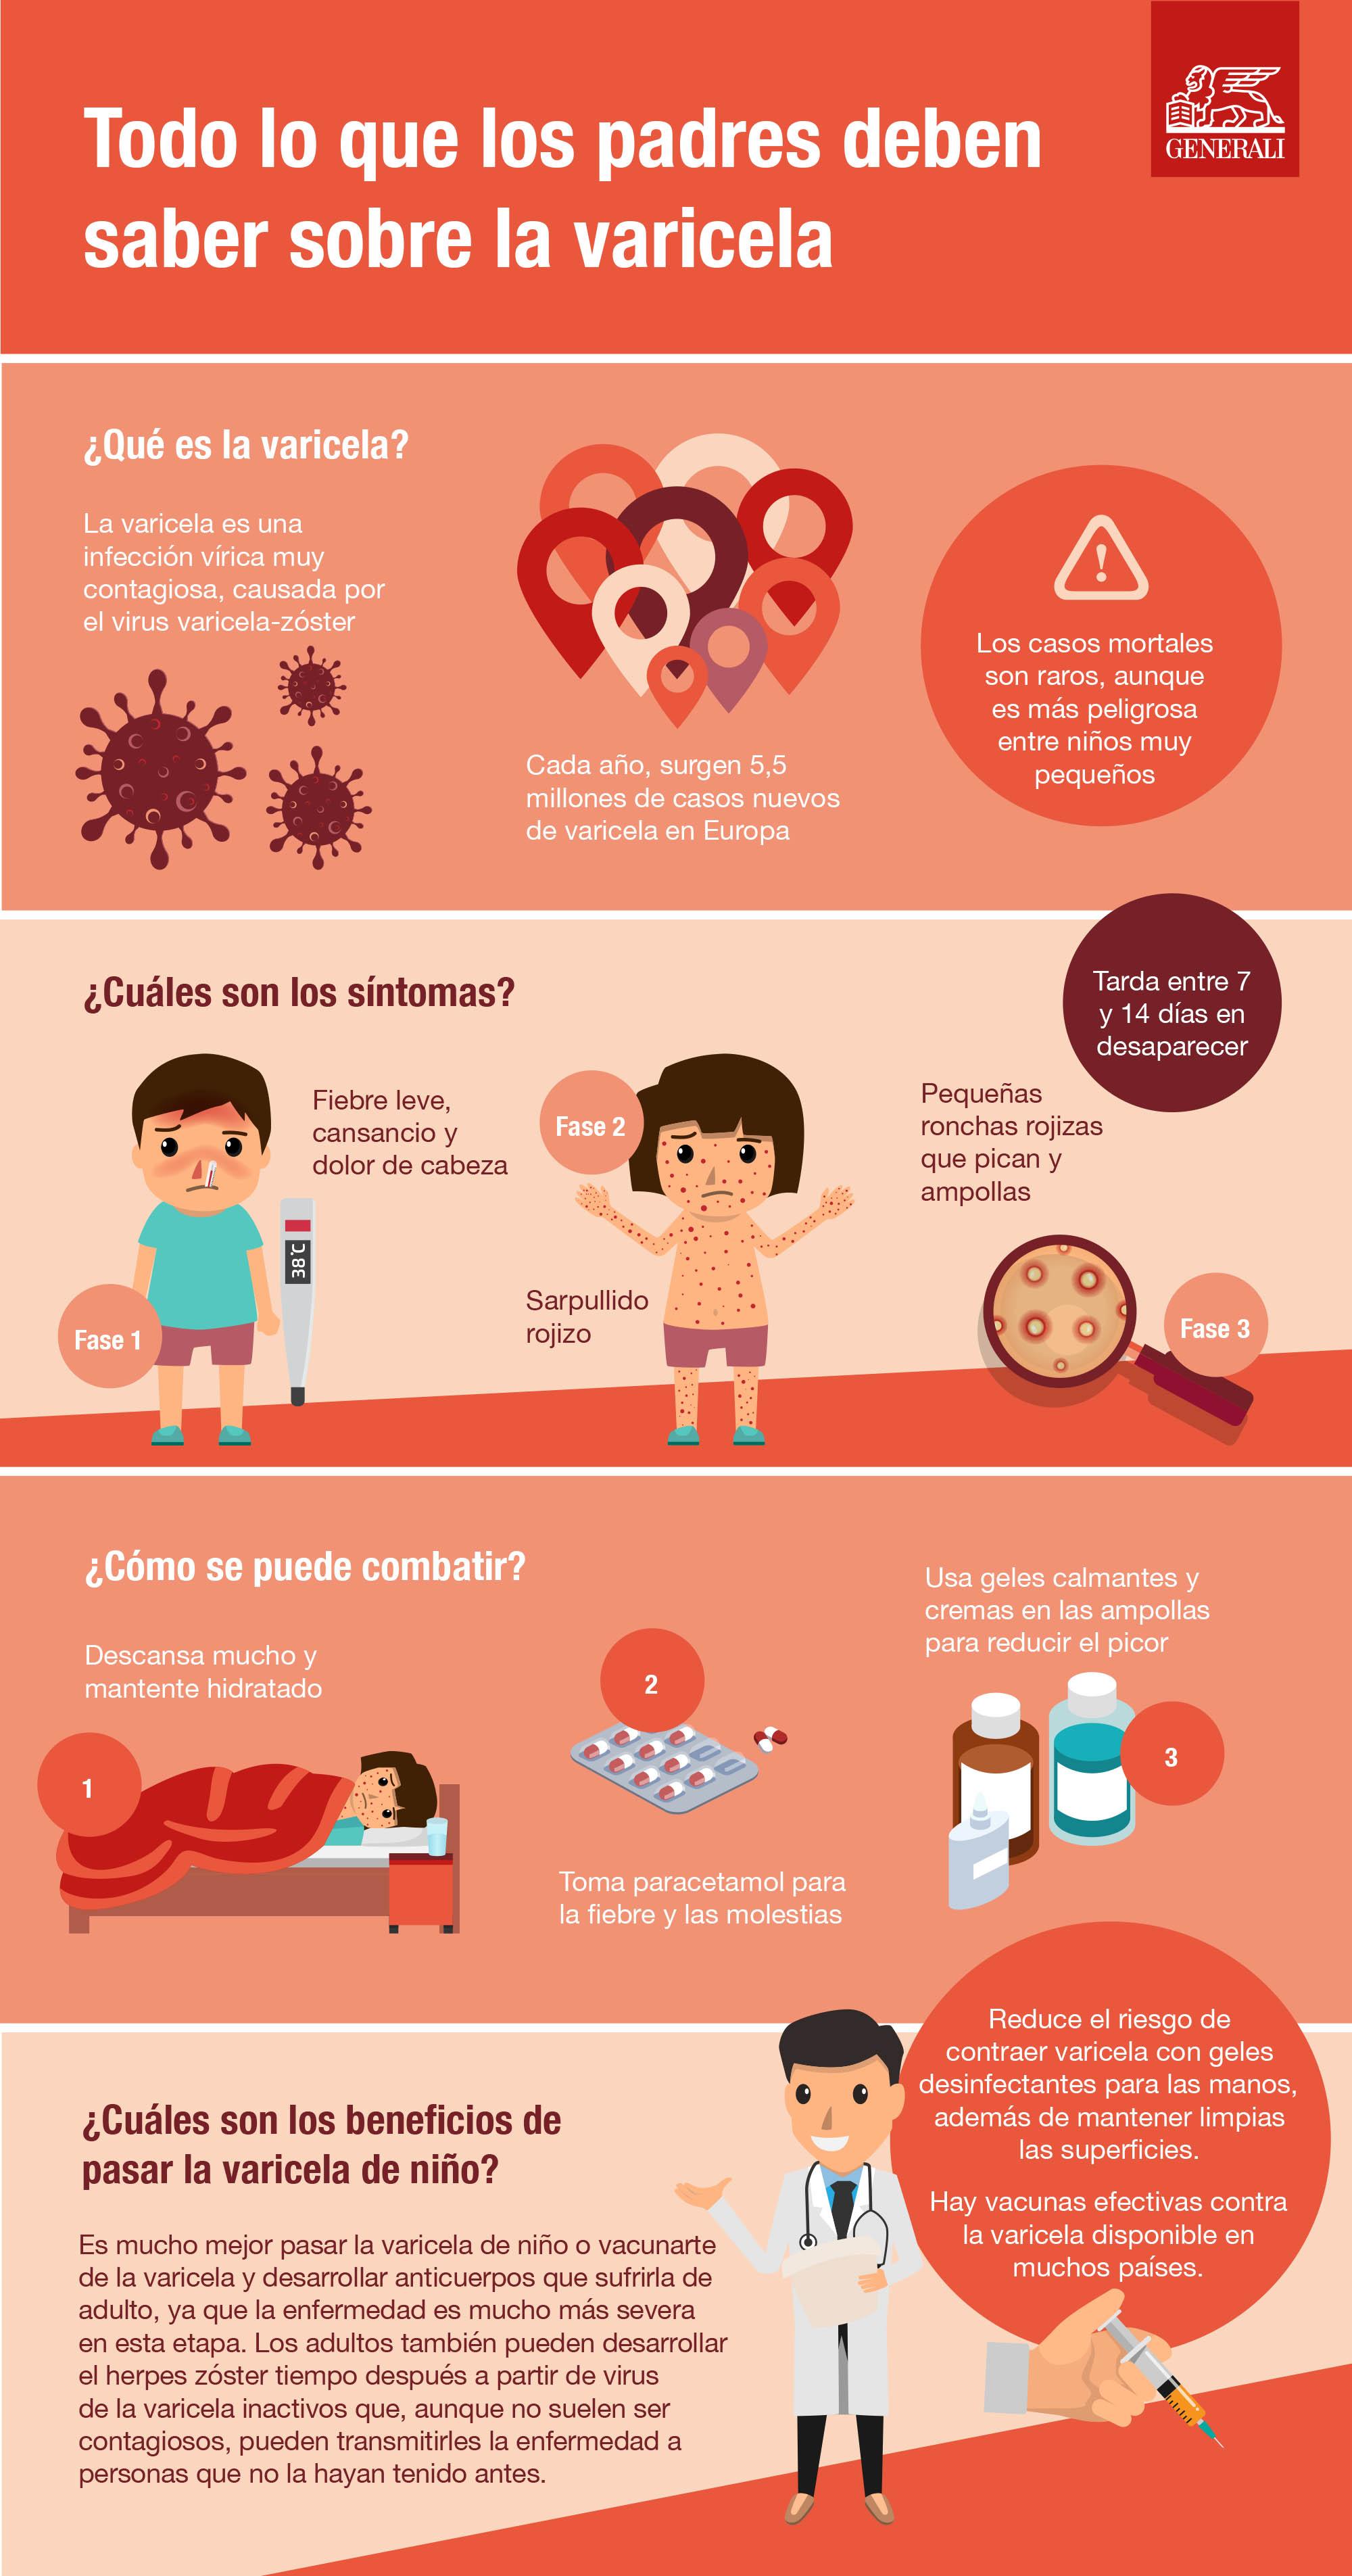 Generali_Chicken-Pox-infographic (2).jpg